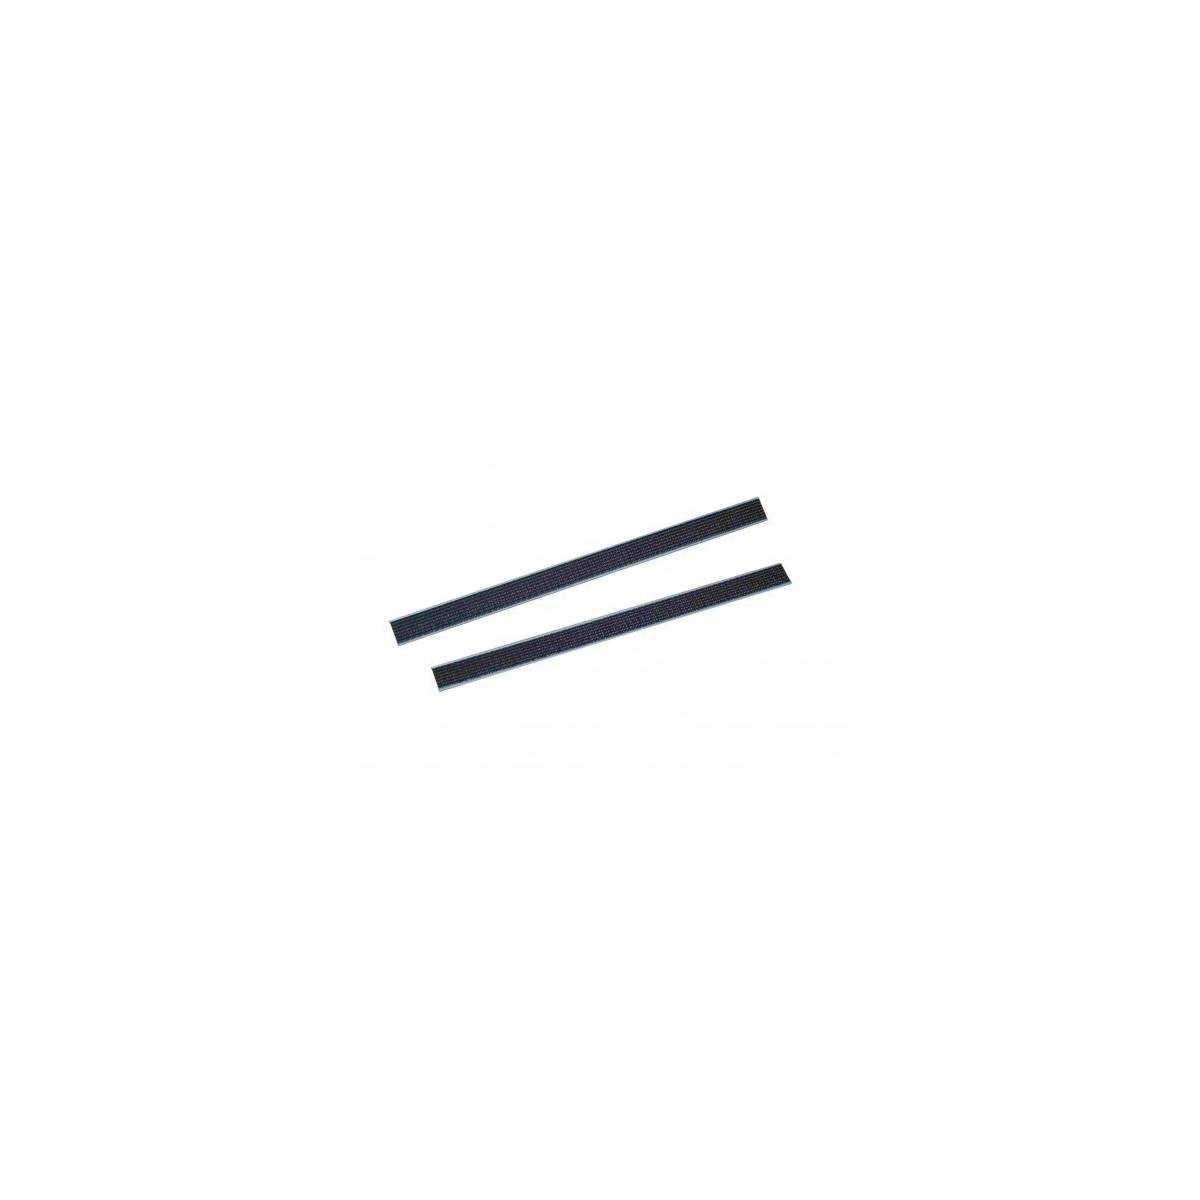 Планка-липучка короткая для основы Velcro 32см S030232 TTS